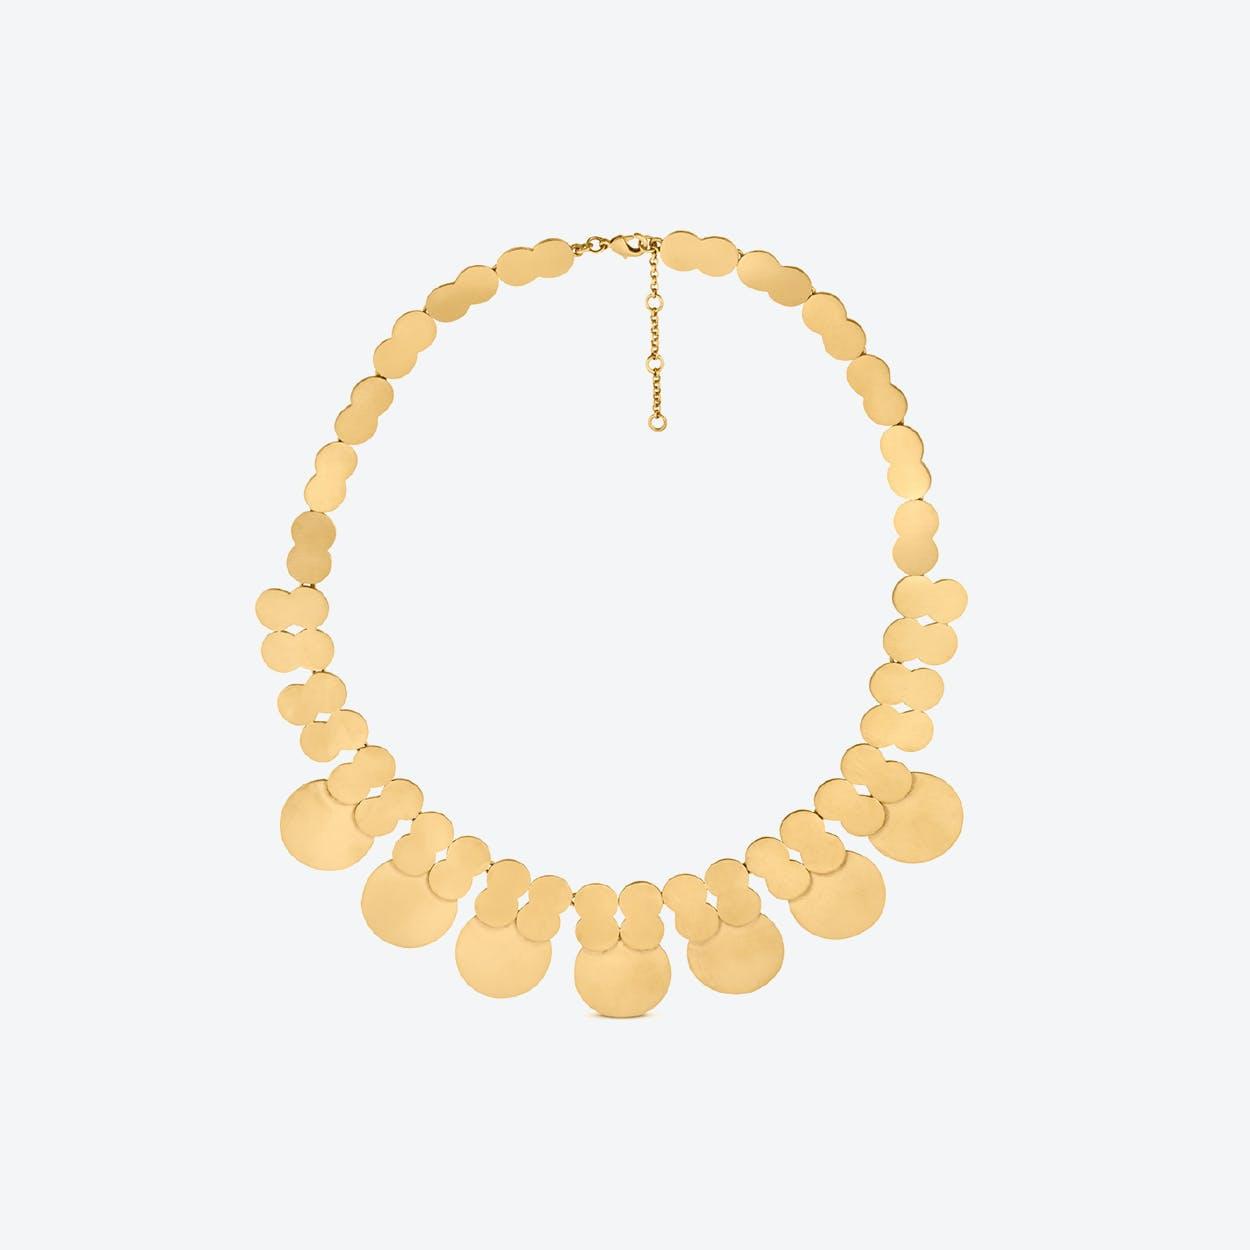 La Nuit Necklaces in Gold